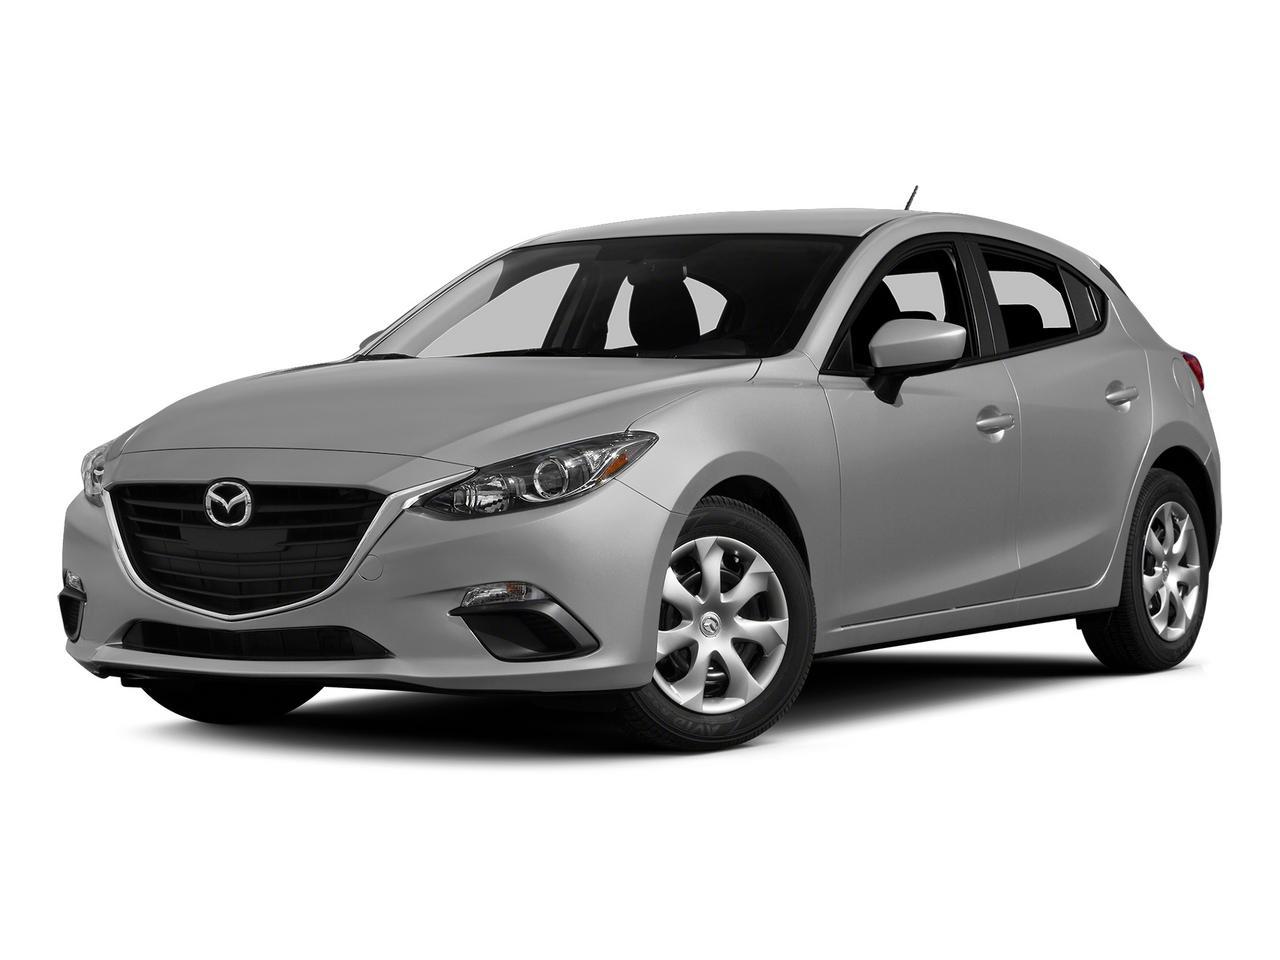 2015 Mazda Mazda3 Vehicle Photo in Pleasanton, CA 94588